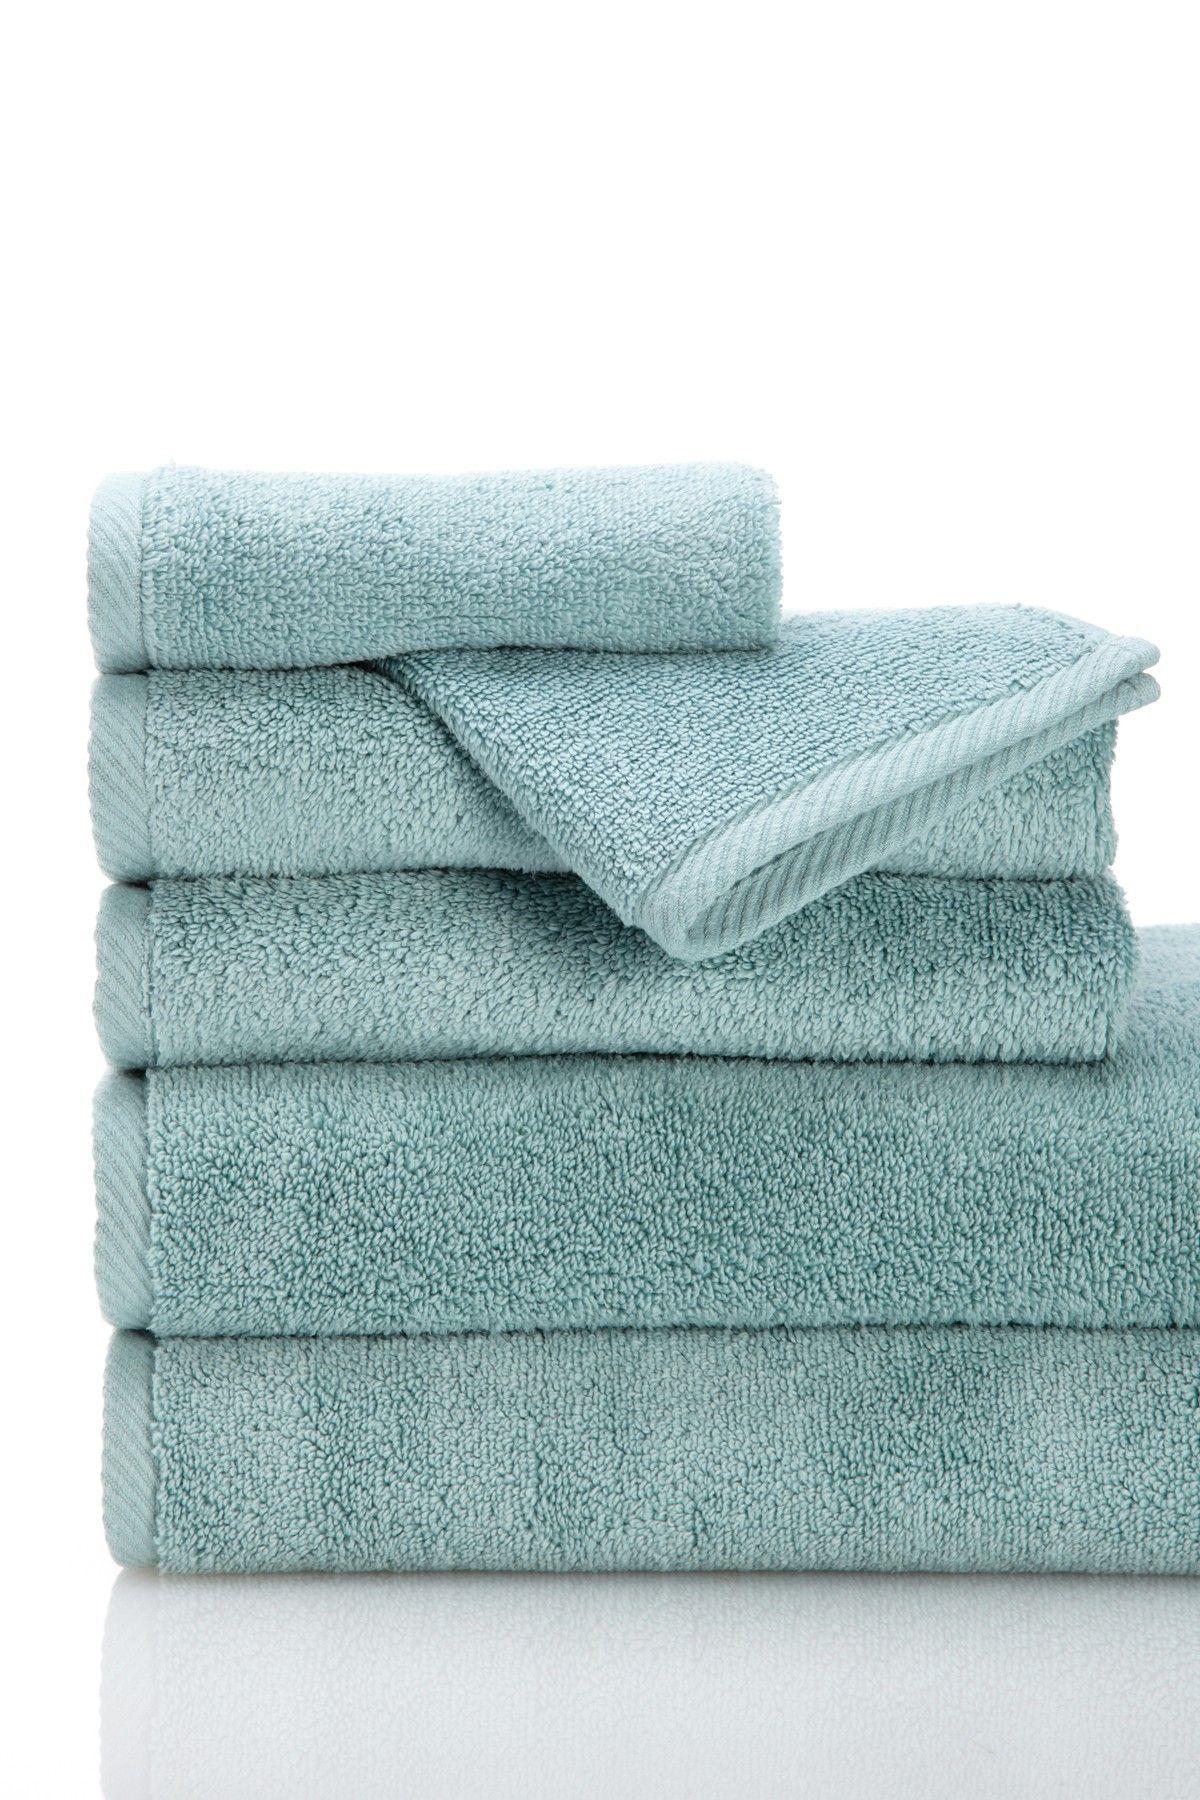 Accessoires Salle De Bain Turquie ~ luxury microcotton 6 piece plush 600 gram weight towels set aqua